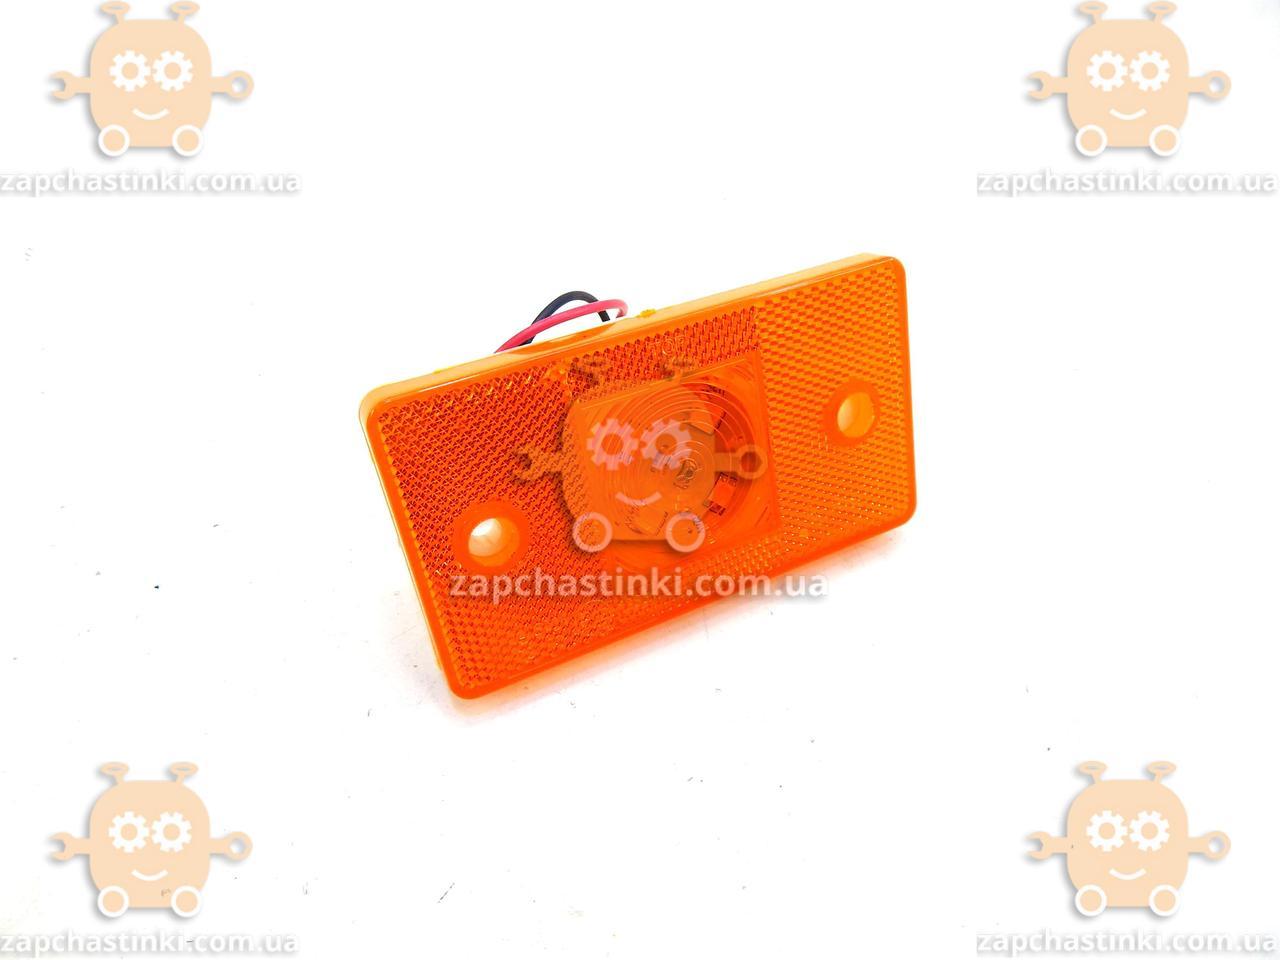 Ліхтар габаритний бічний 24В Вантажні Авто (оранжевий, світлодіод LED) (пр-во ДК) ПРО 0237846251